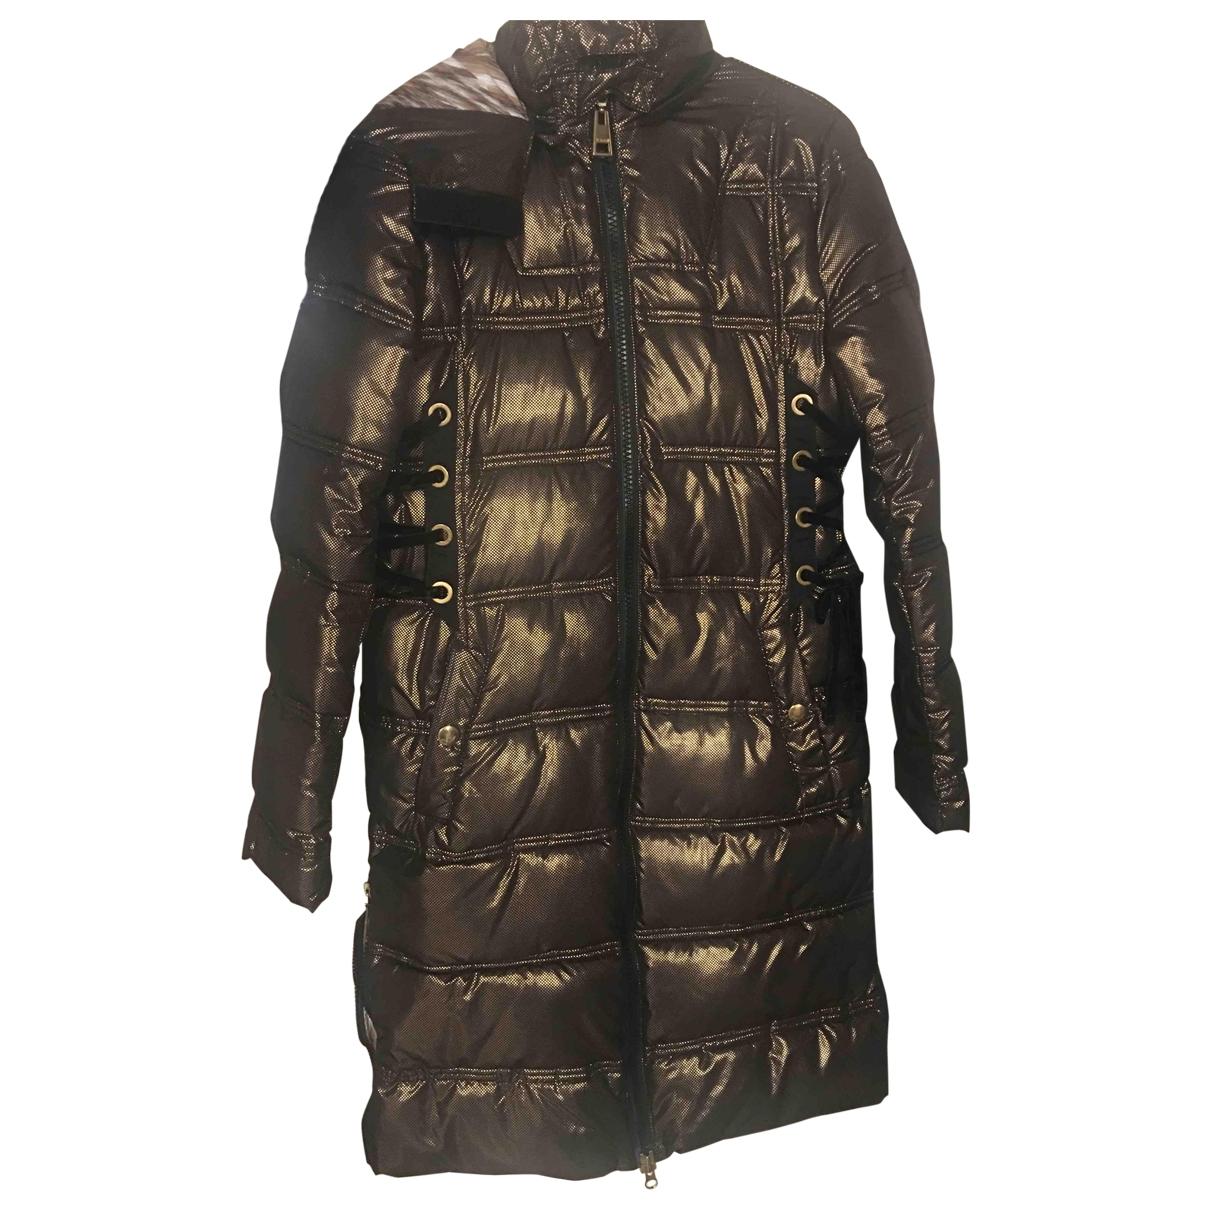 Roberto Cavalli \N Metallic coat for Women 40 IT